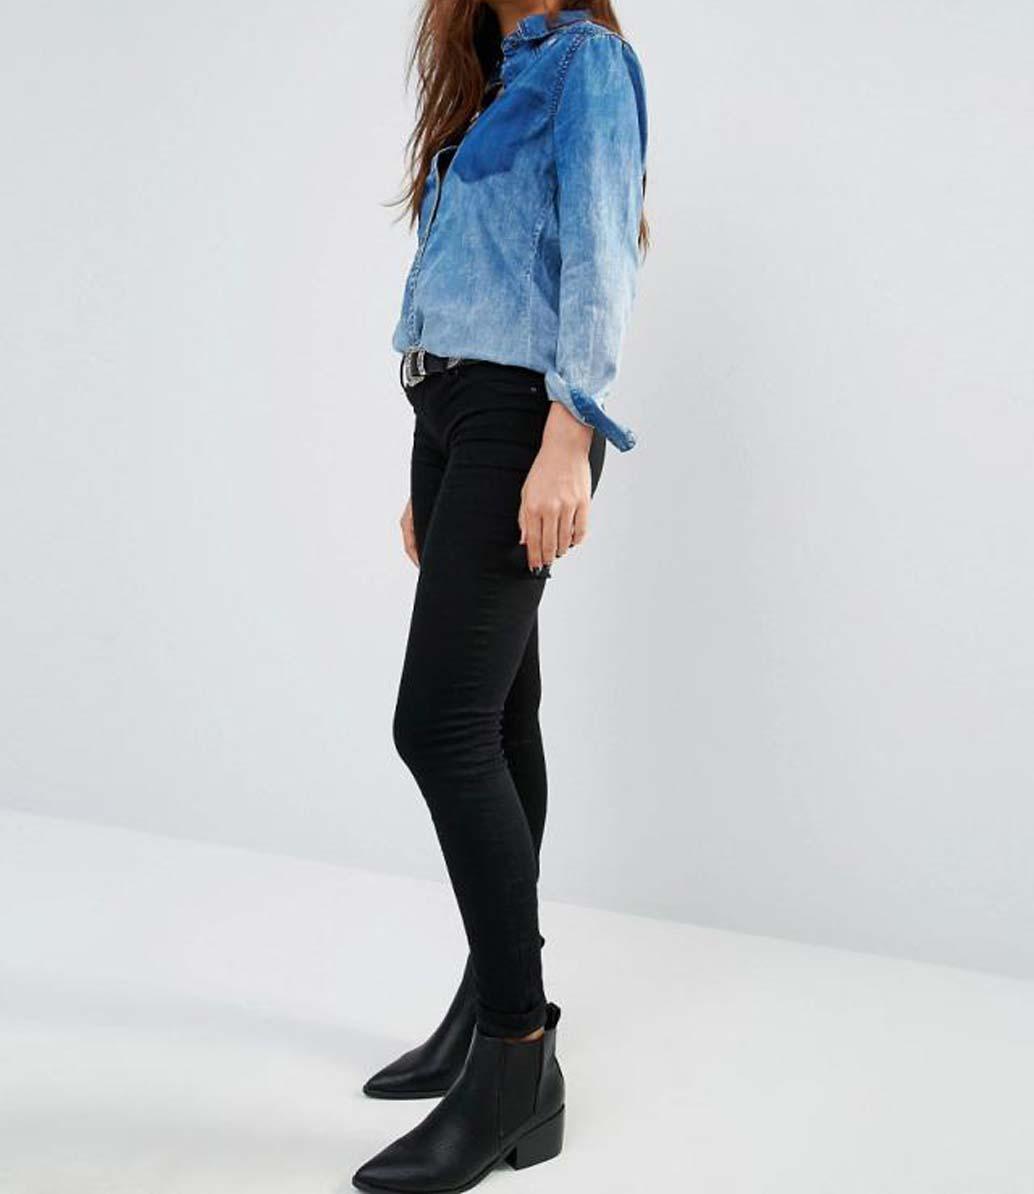 لباس هایی که با شلوار جین مشکی شمارا شیک تر نشان میدهد تصاویر